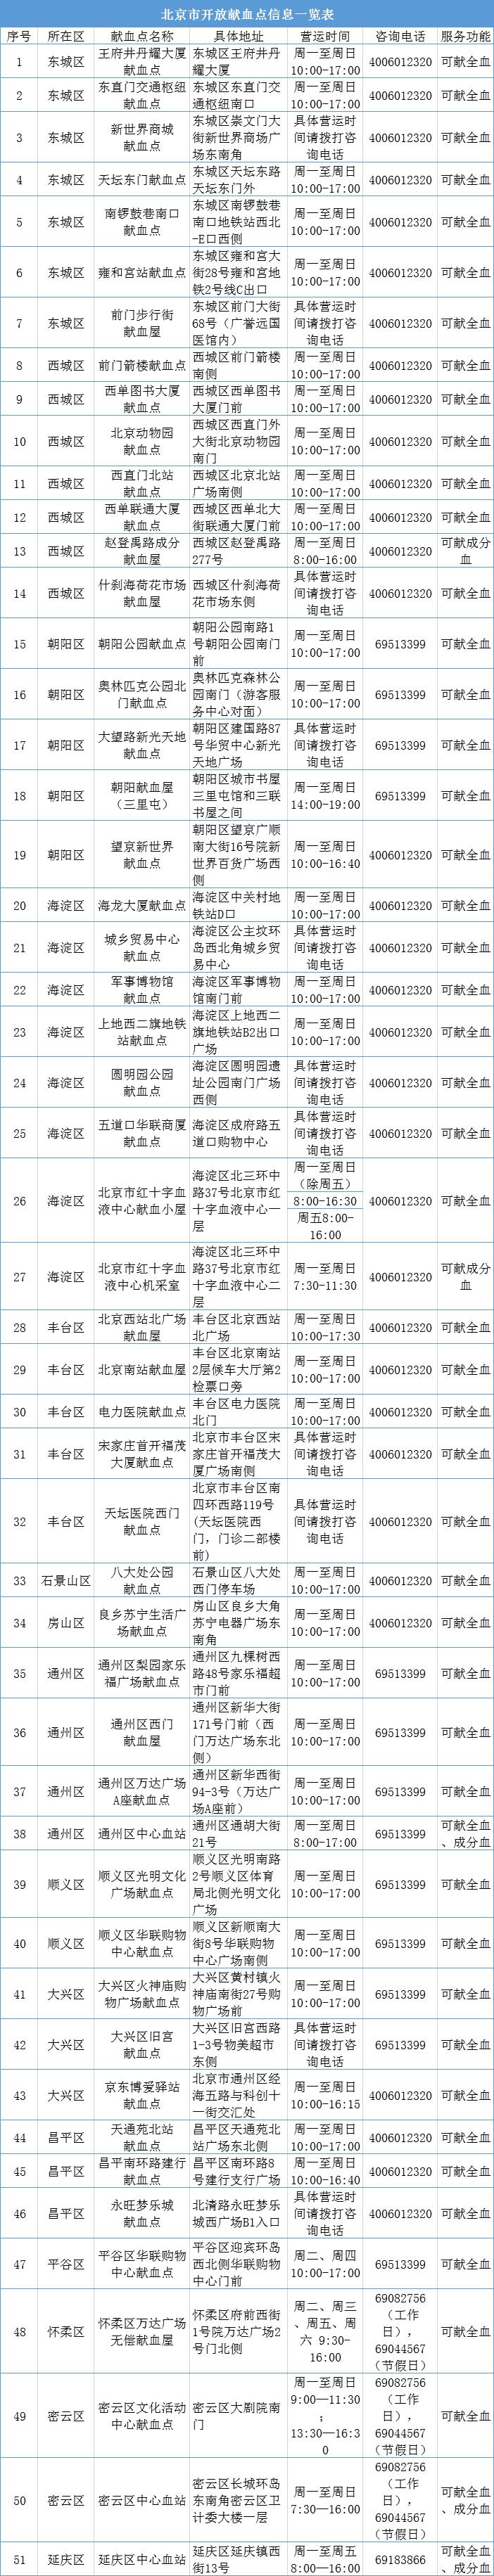 疫情期间去哪献血?北京市公布51家开放献血点信息图片